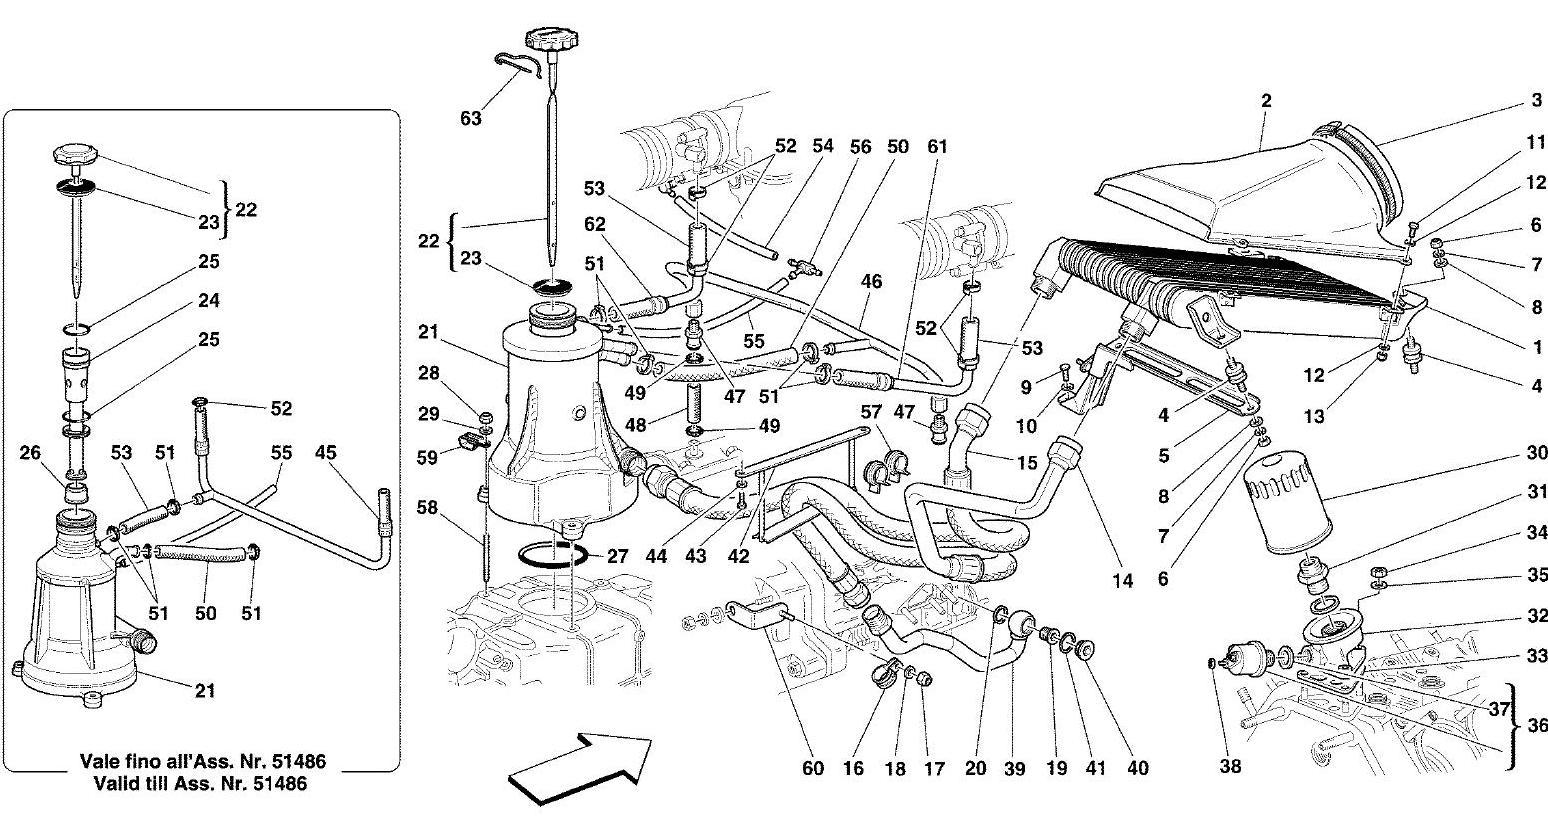 hight resolution of ferrari 360 engine oil level checks and the danger of overfilling ferrari 360 engine diagram